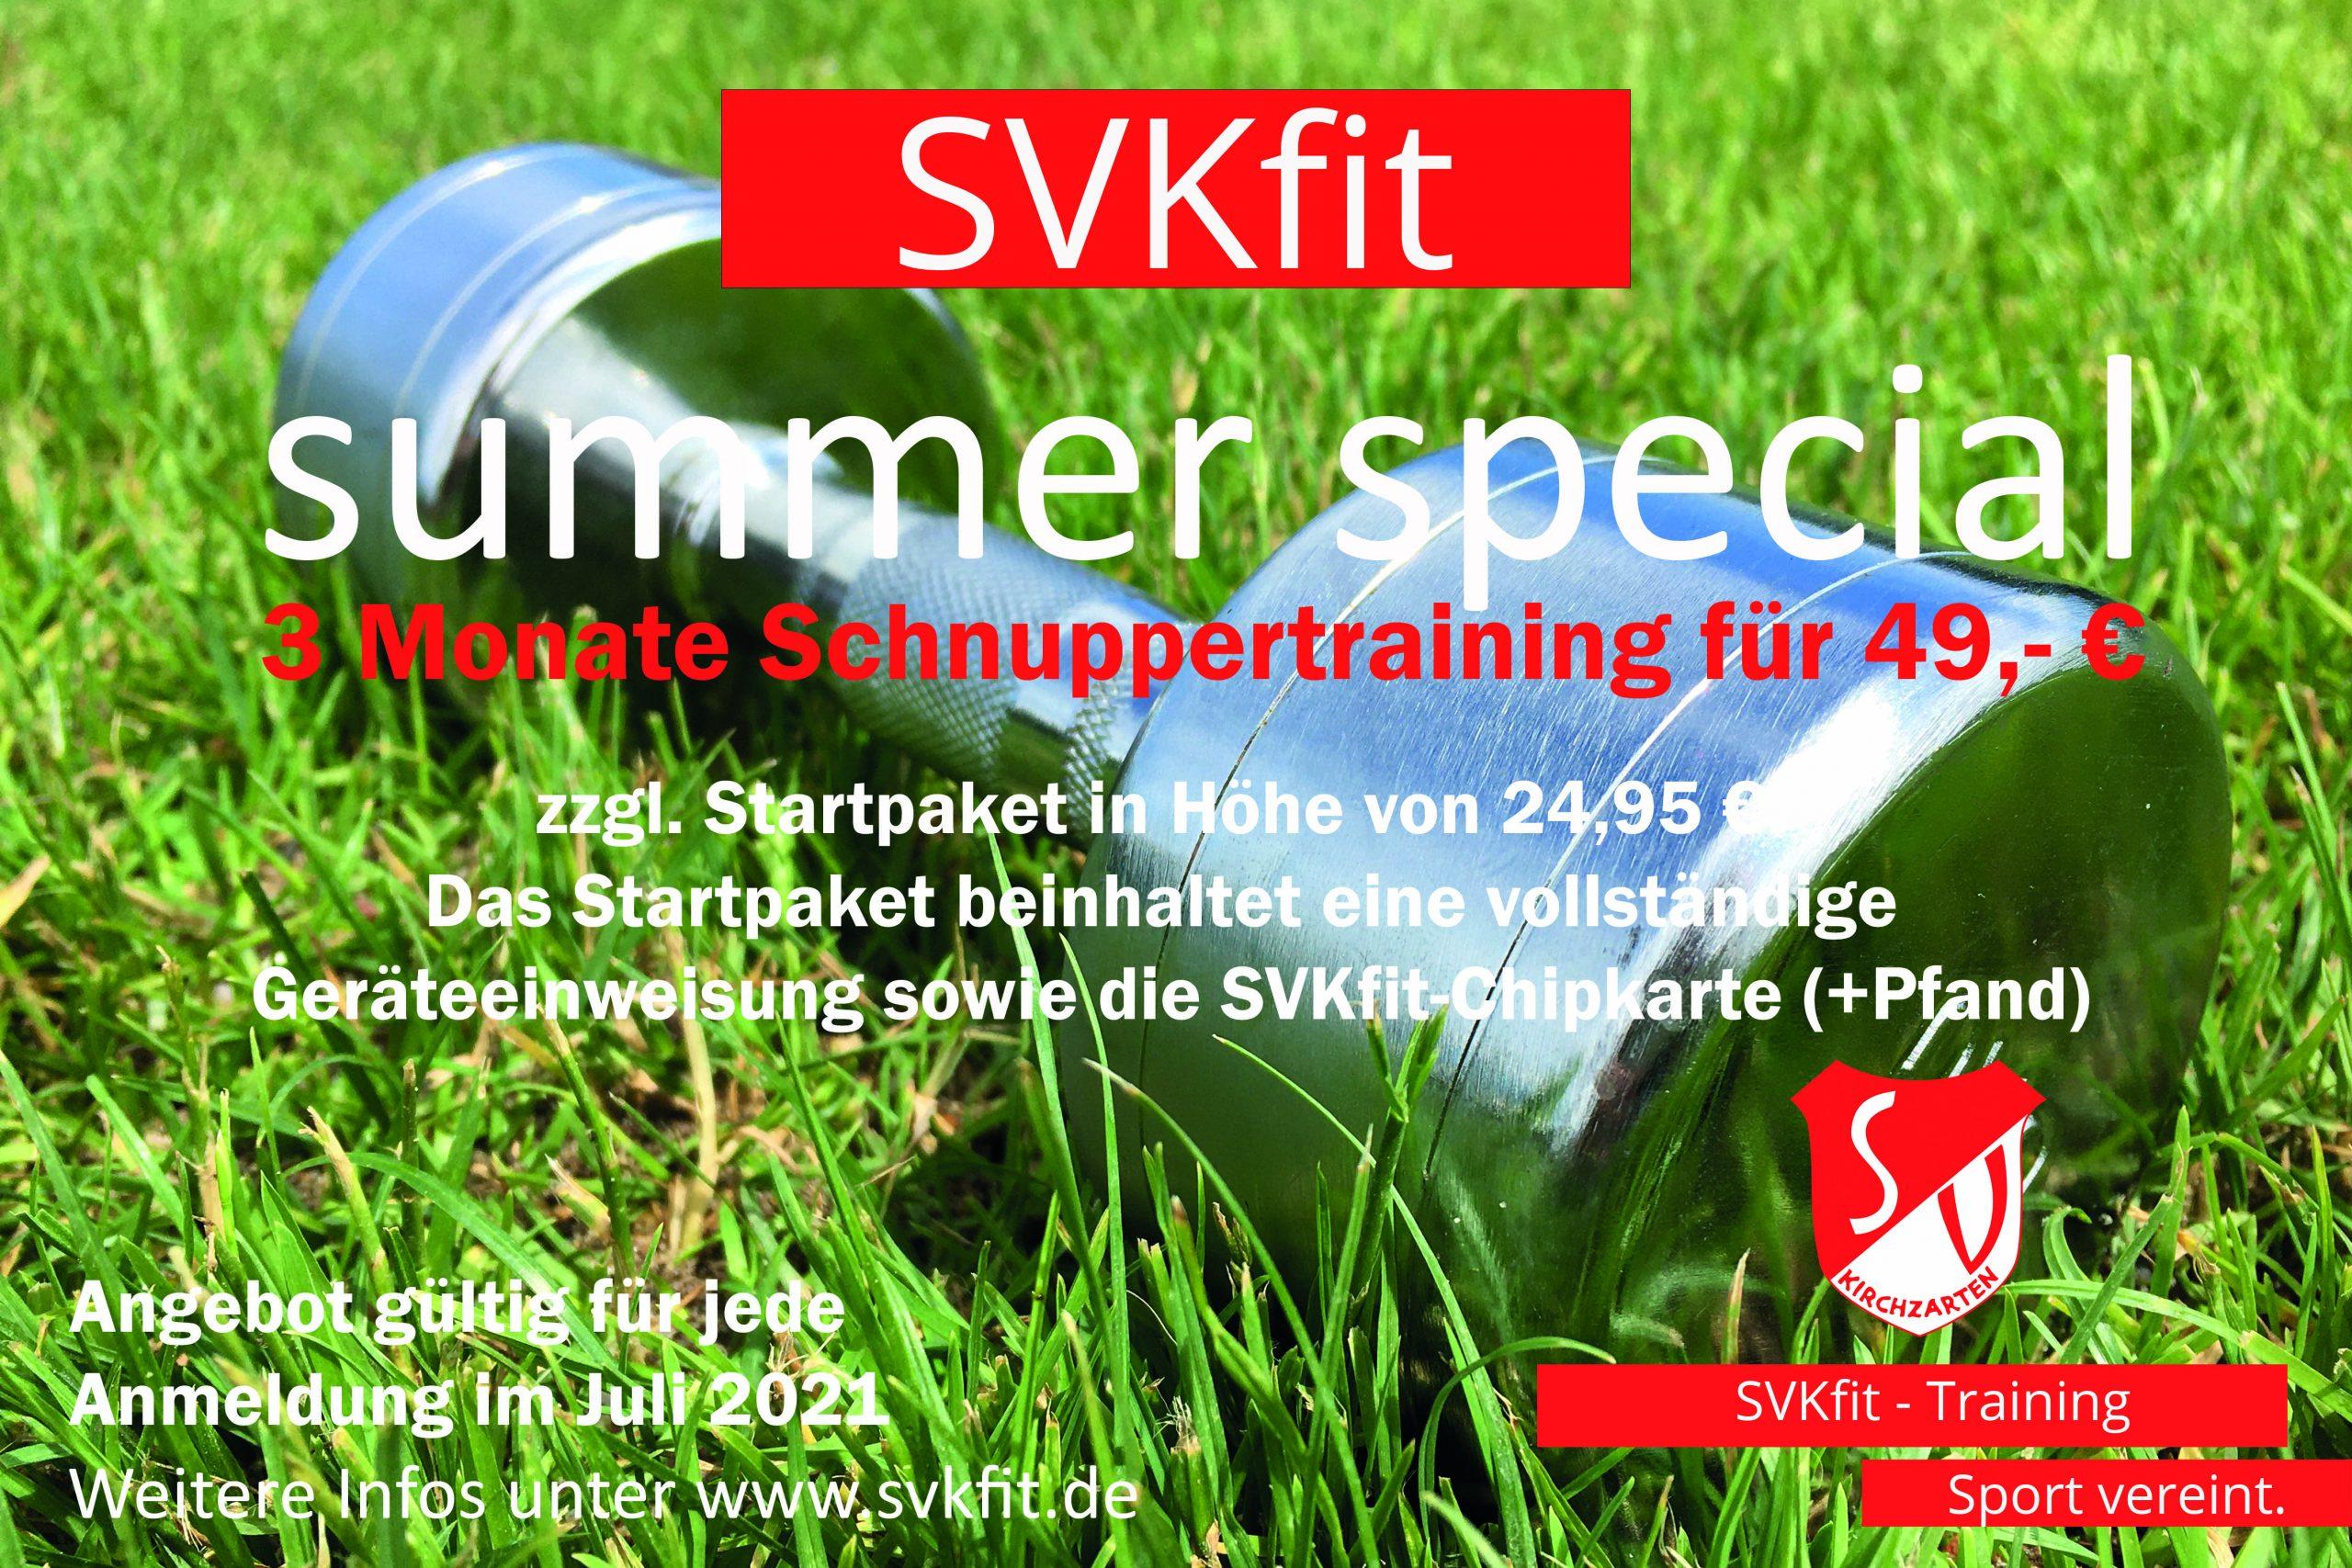 SVKfit Summer-Special Angebot